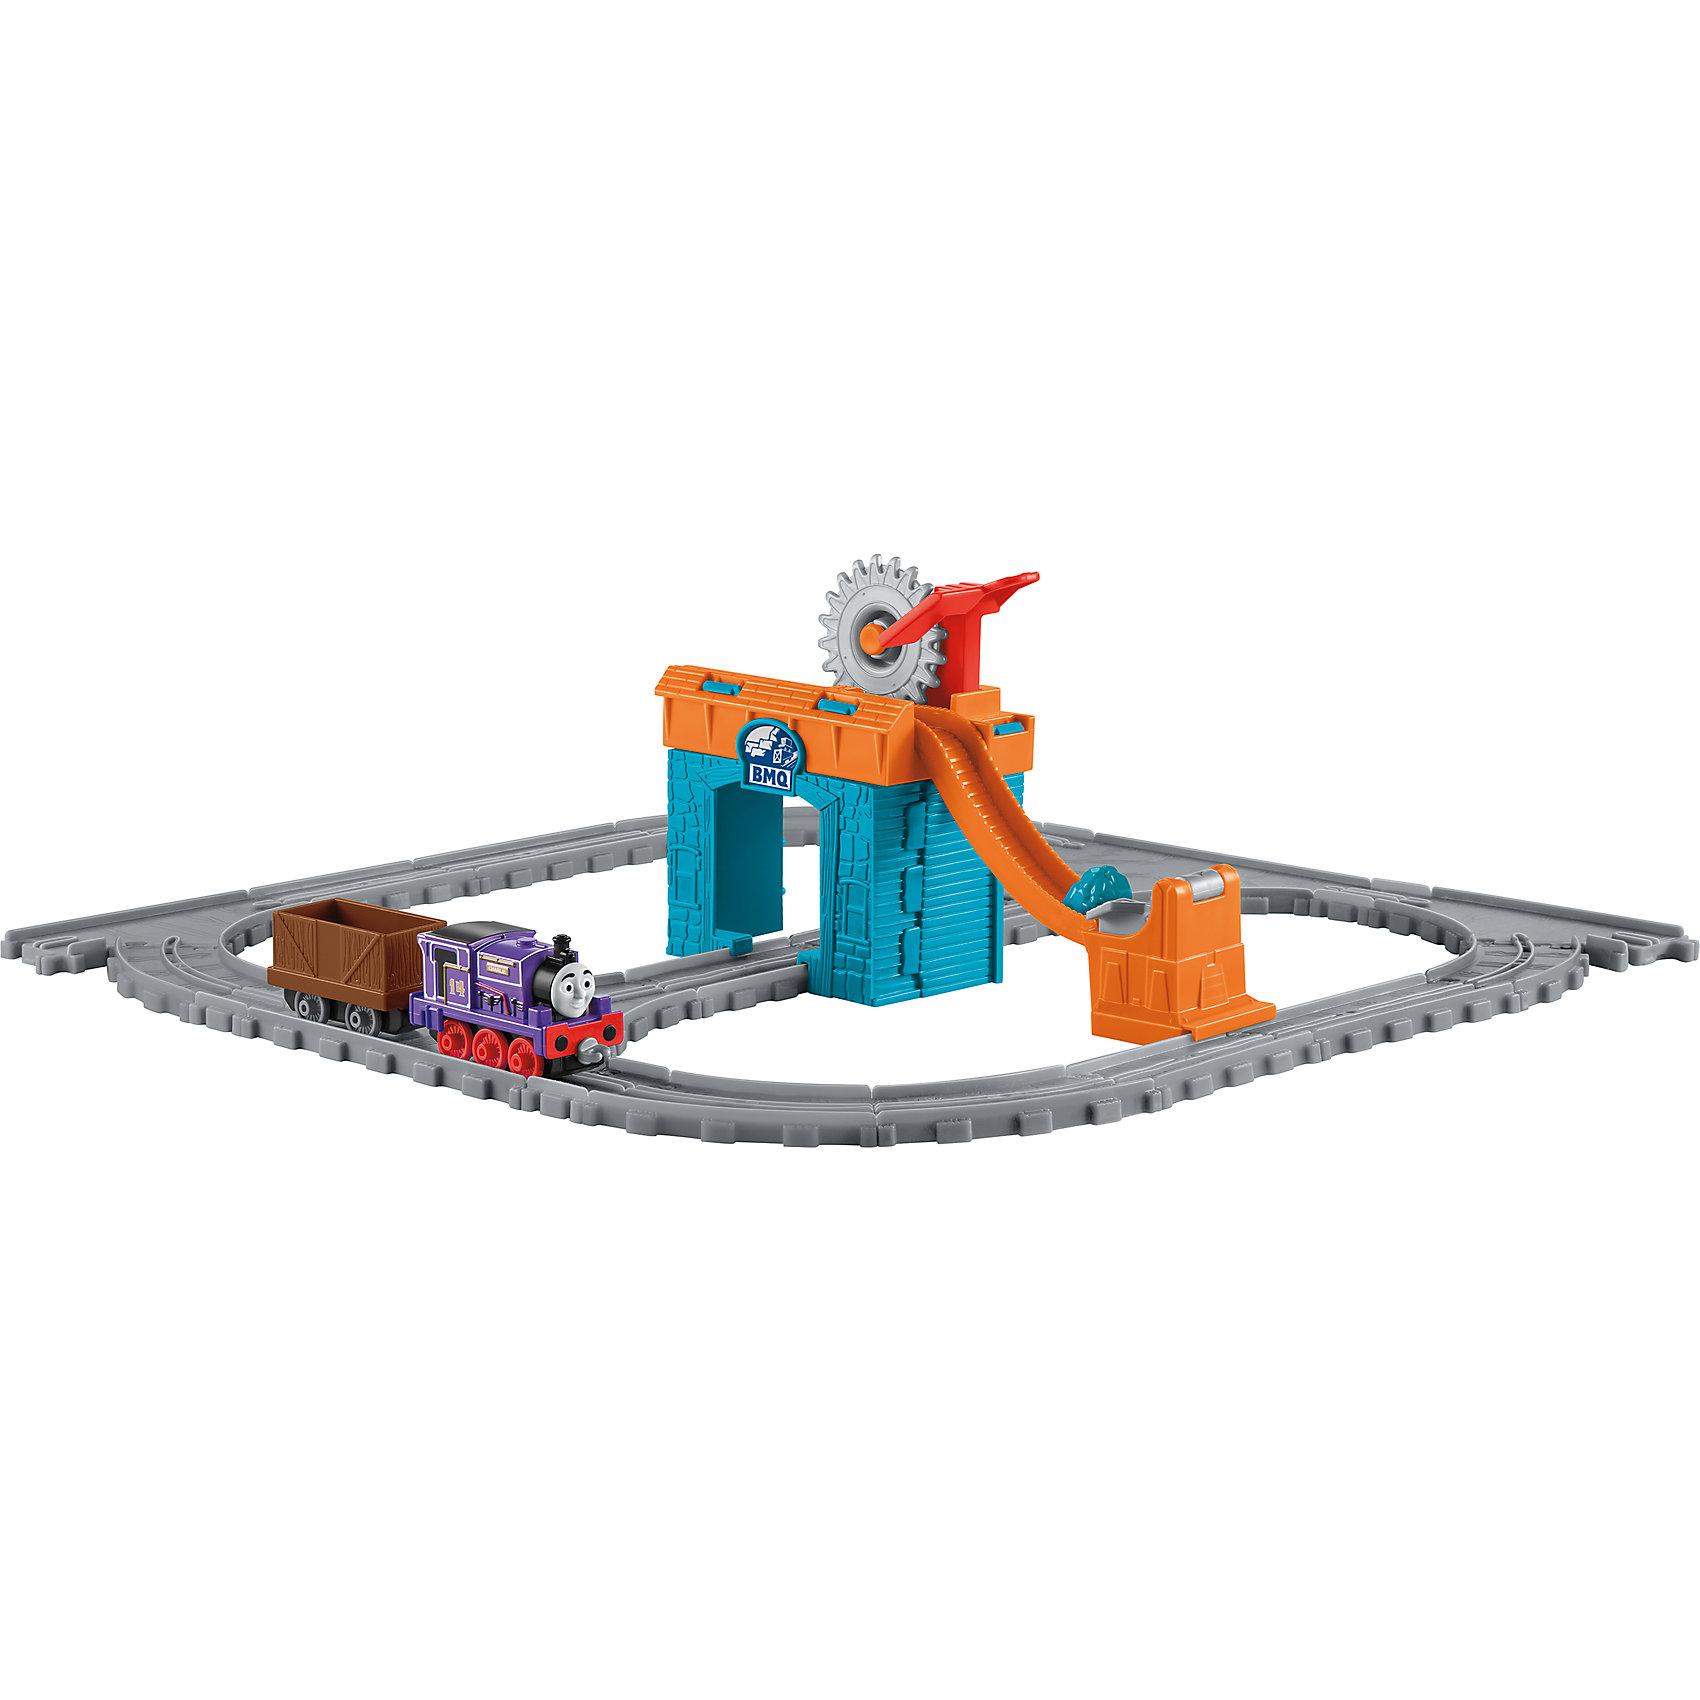 Игровой набор Паровозик Чарли за работой, Томас и его друзьяПопулярные игрушки<br>Характеристики товара:<br><br>• комплектация: паровозик Перси, упаковка<br>• материал: пластик<br>• серия: Thomas &amp; Friends<br>• возраст: от трех лет<br>• габариты упаковки:  245х80х305 мм<br>• вес: 0,524кг<br>• срок годности: не ограничен<br>• страна бренда: США<br><br>Чарли – очень важный персонаж среди друзей Томаса. Его миссия – вовремя доставлять топливо для других паровозиков и ставить бочки с ним на специальную платформу. Стоит отметить, что все товары, выпускаемые компанией Mattel, полностью безопасны и соответствуют международным  требованиям по качеству материалов.<br><br>Товар «Игровой набор Паровозик Чарли за работой, Томас и его друзья» можно приобрести в нашем интернет-магазине.<br><br>Ширина мм: 65<br>Глубина мм: 240<br>Высота мм: 305<br>Вес г: 461<br>Возраст от месяцев: 36<br>Возраст до месяцев: 120<br>Пол: Мужской<br>Возраст: Детский<br>SKU: 5434137